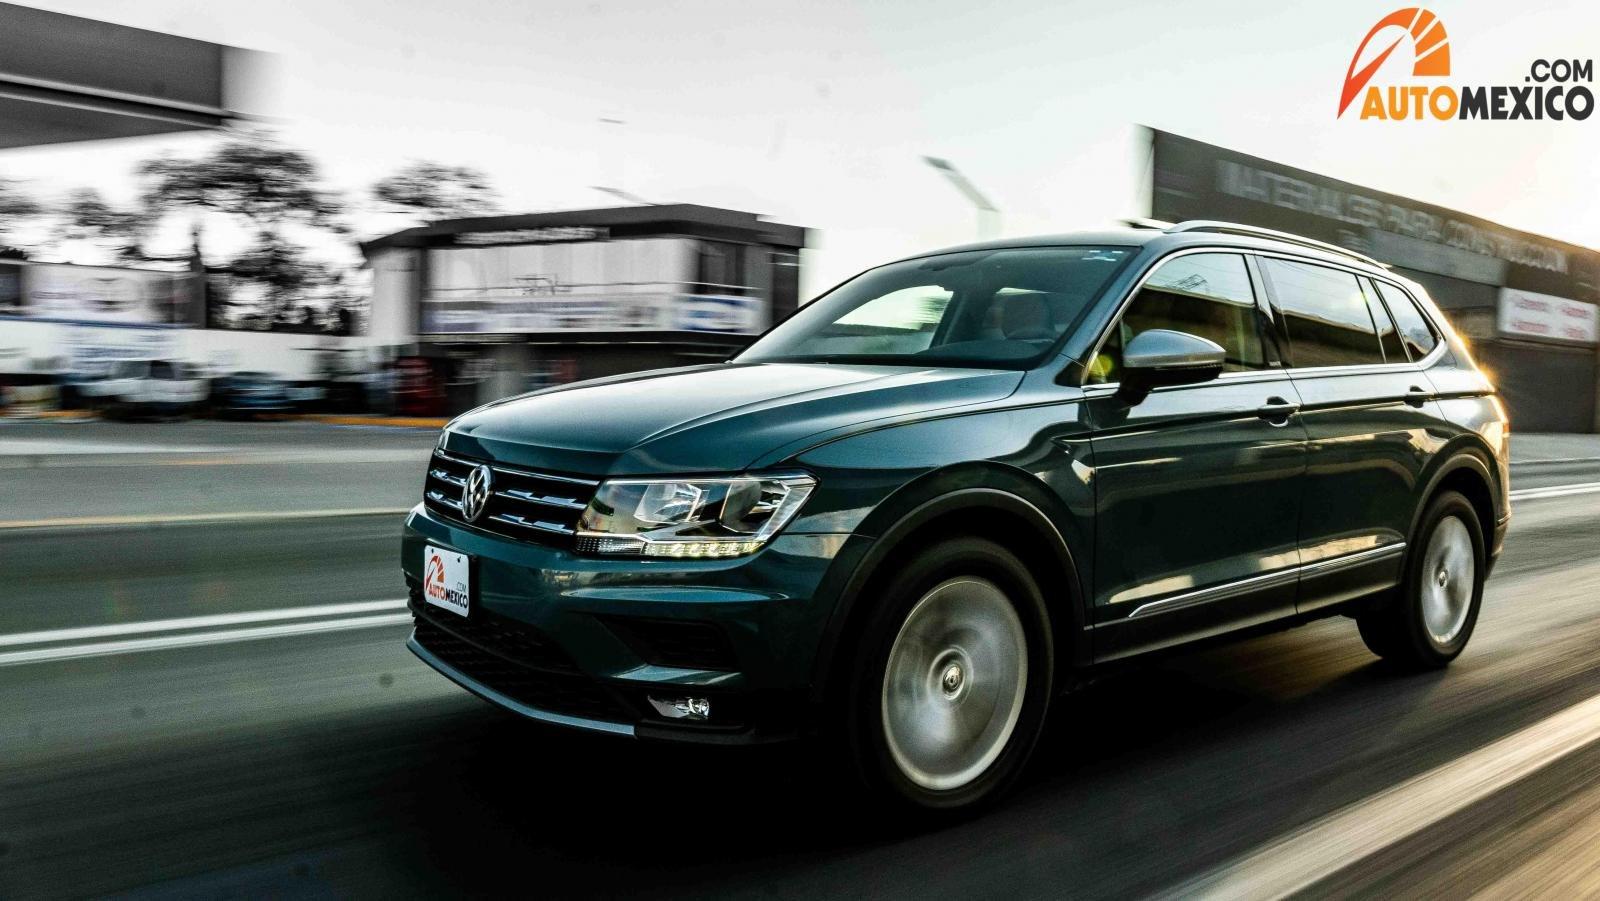 La Volkswagen Tiguan es una de las SUV más populares de México